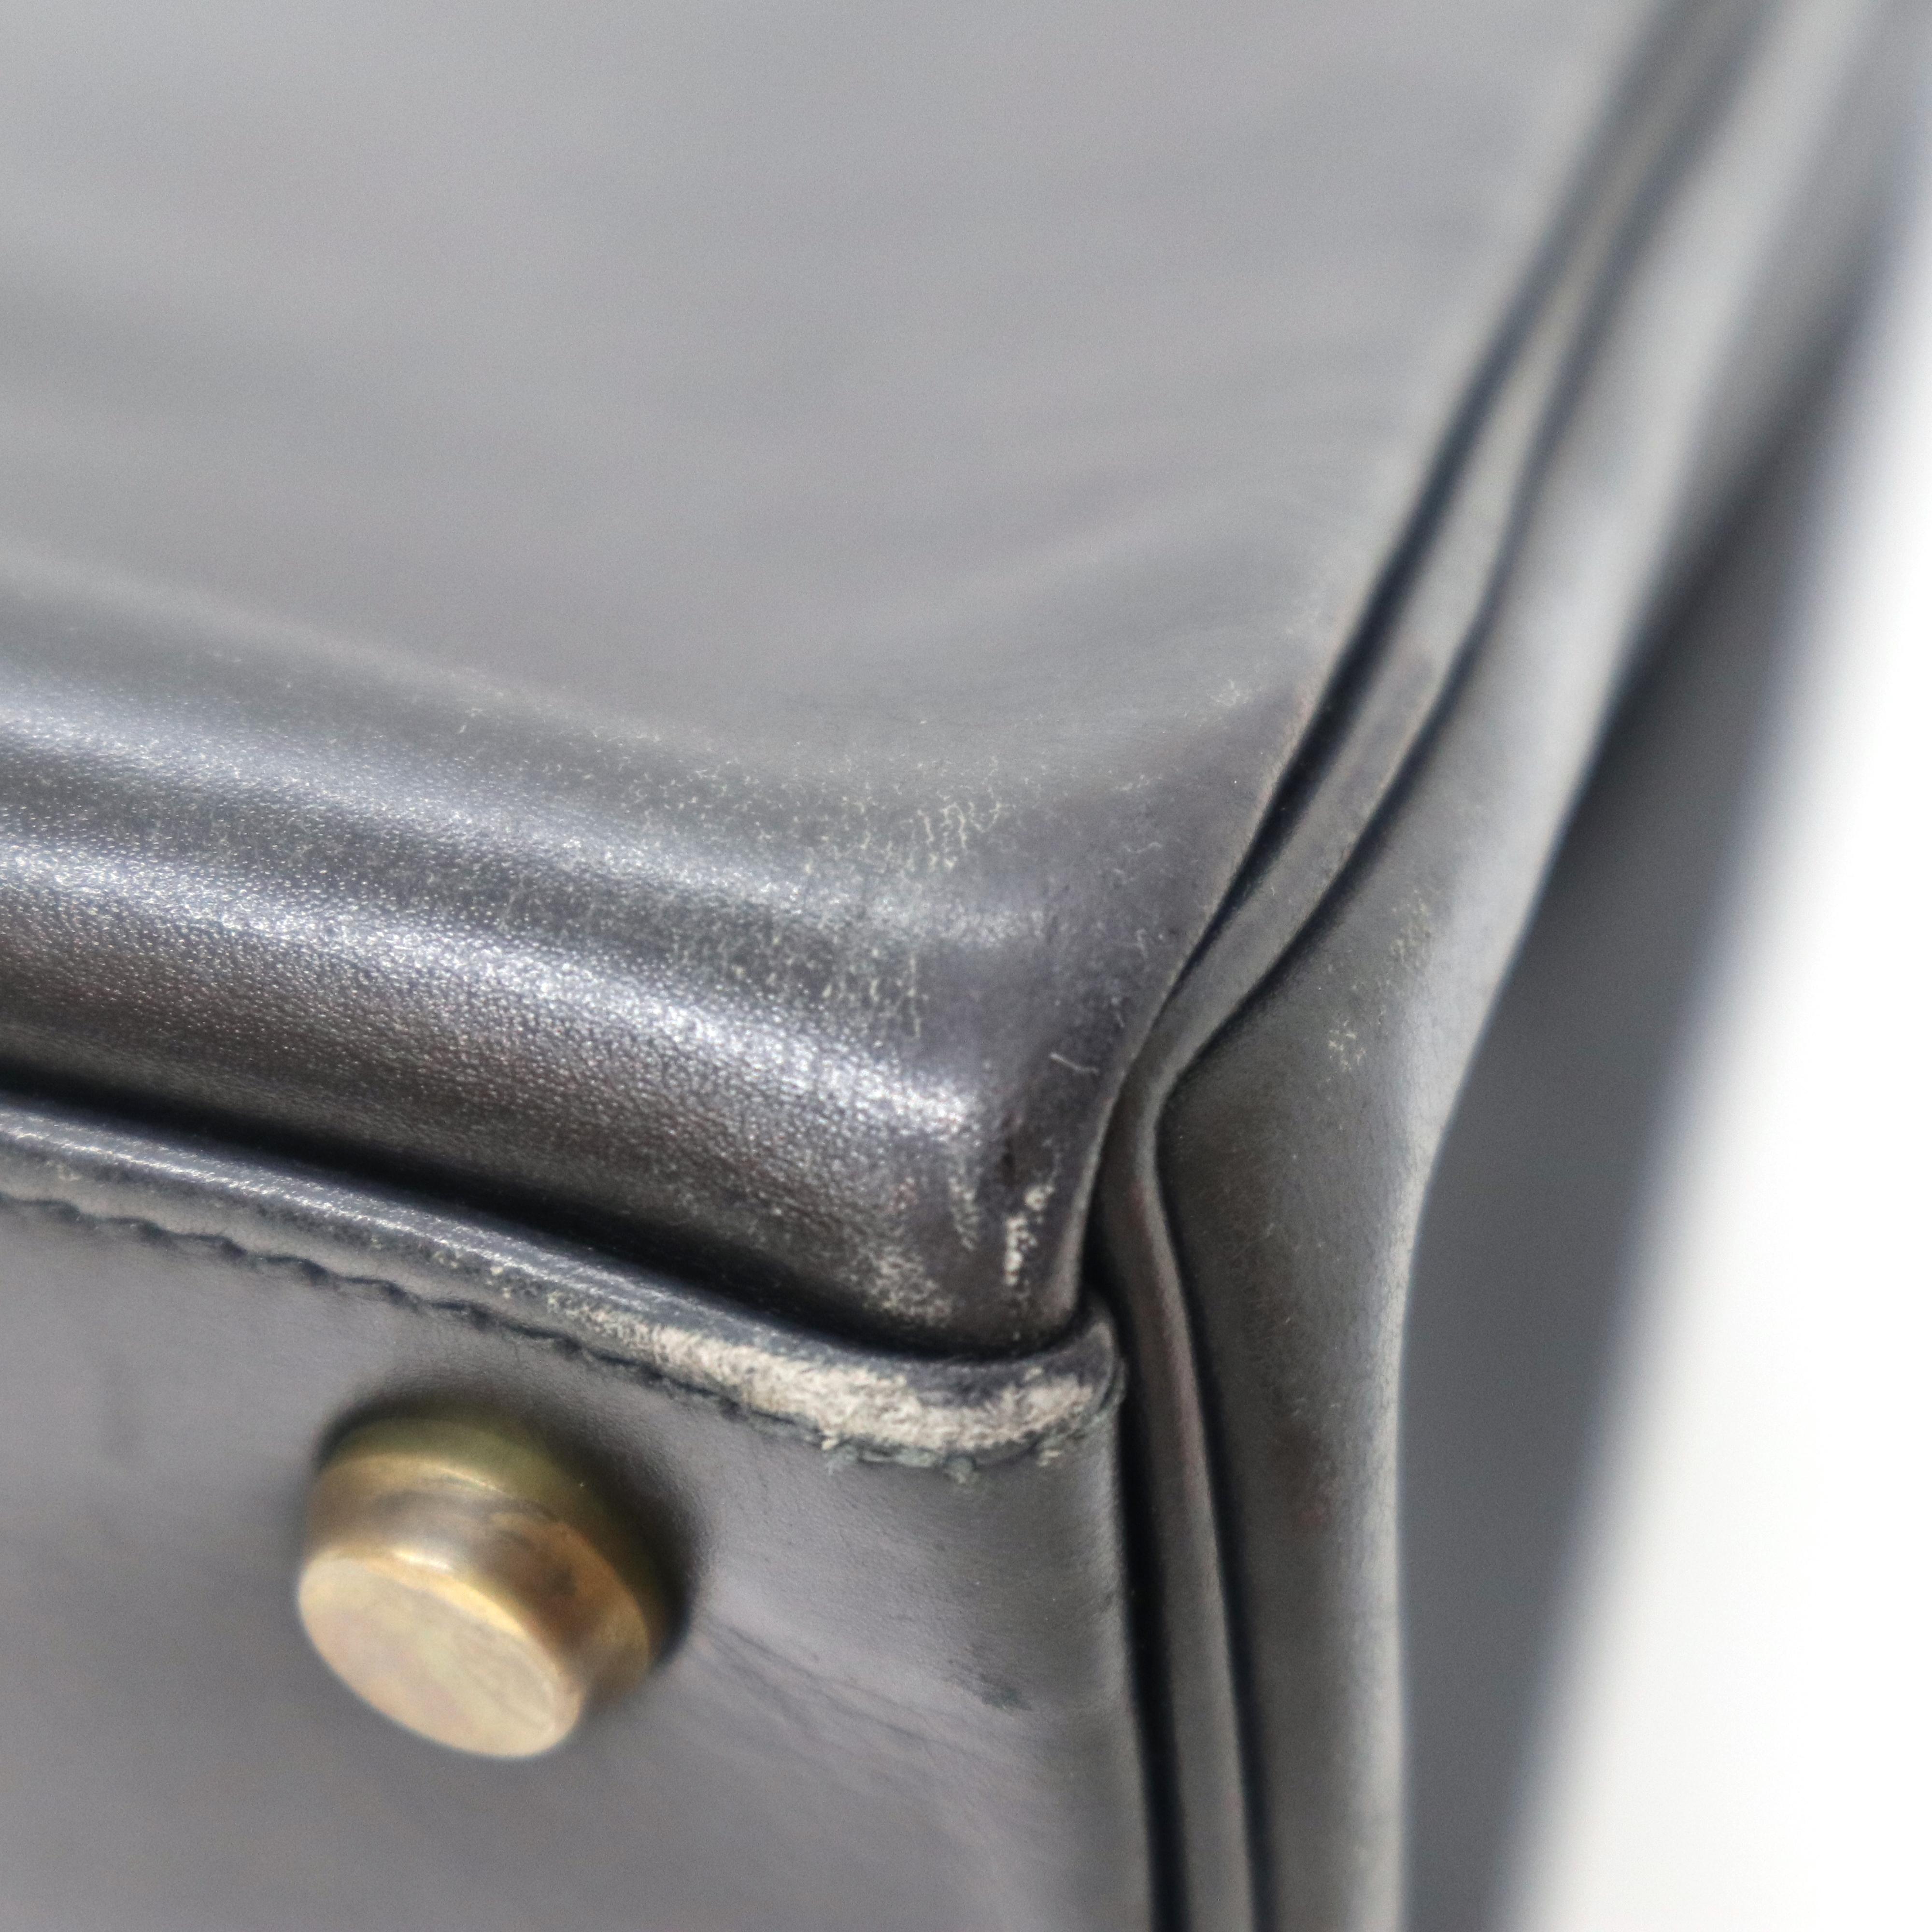 訳あり商品「バッグのカドが擦れている」の画像